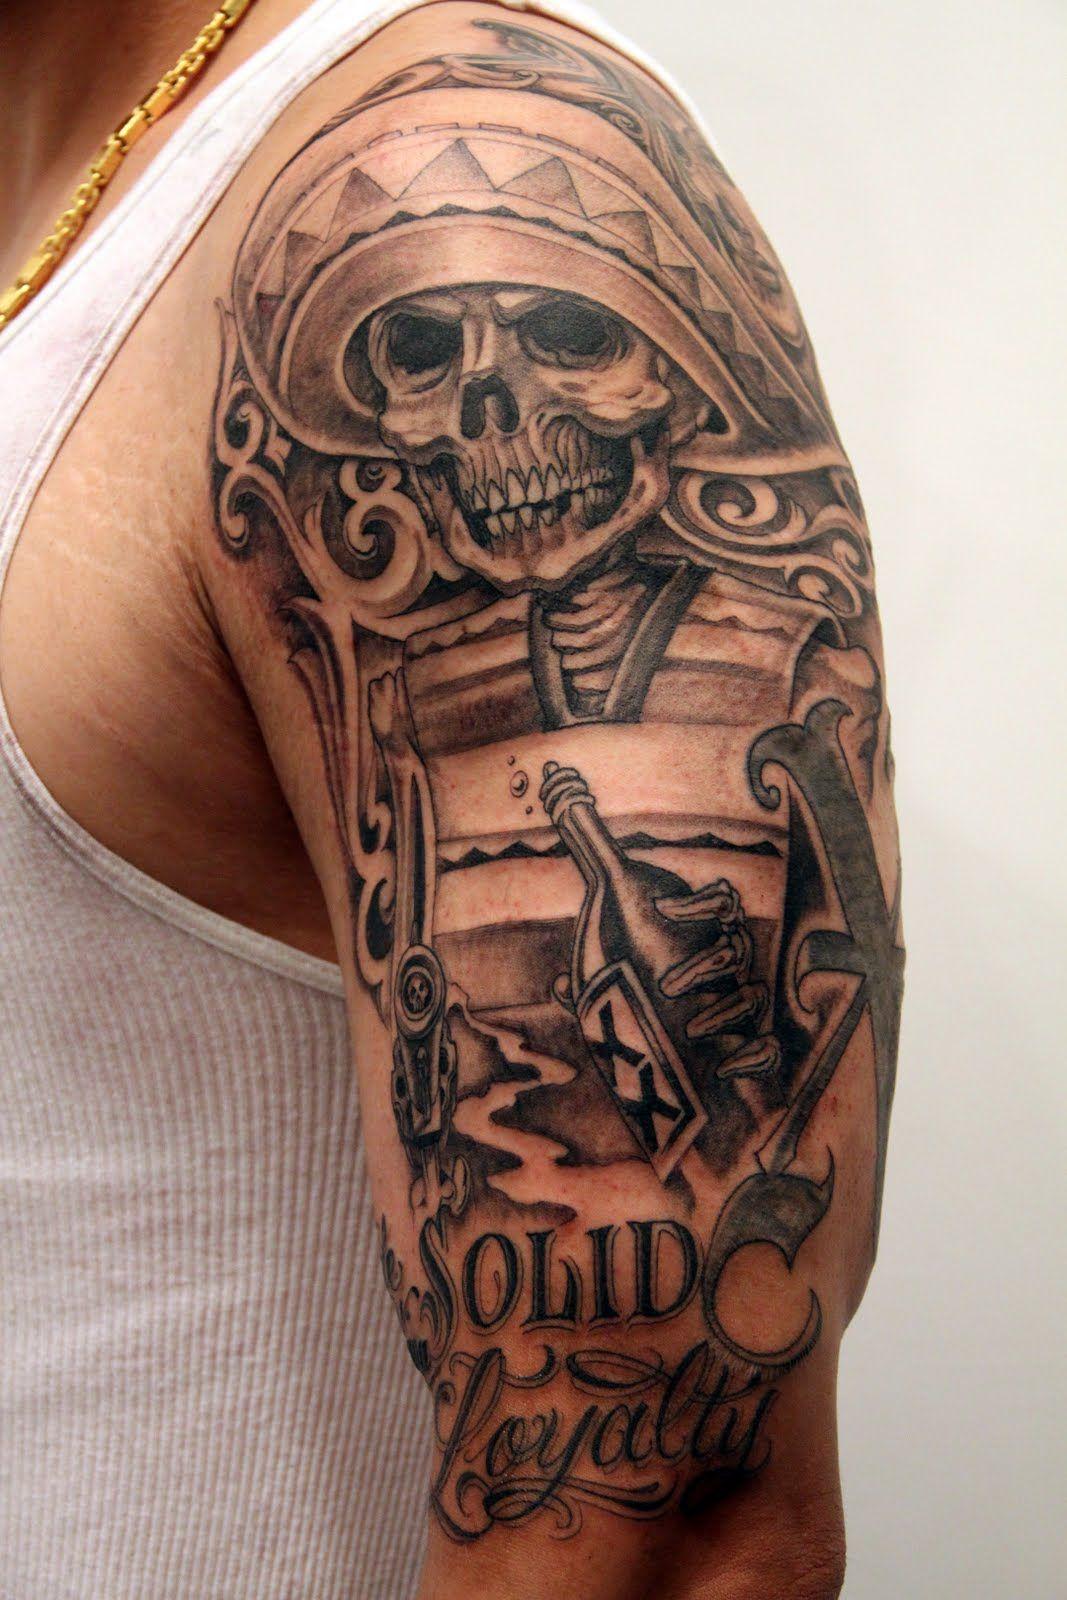 Cartoon tattoo designs on shoulder - Tattoo